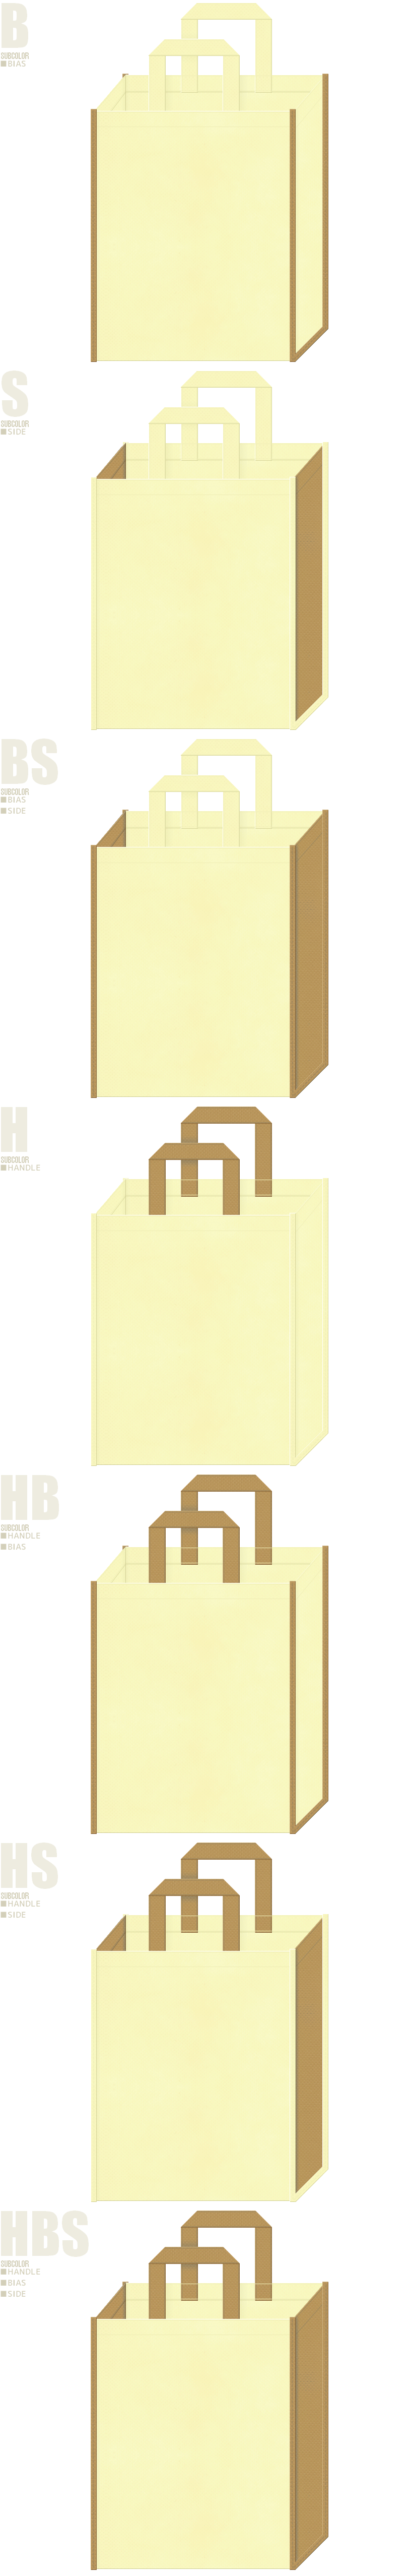 工作・木工・DIY・キウイフルーツ・コーヒーロール・カレーパン・マロンケーキ・カフェ・スイーツ・ベーカリー・和菓子にお奨めの不織布バッグデザイン:薄黄色と金黄土色の配色7パターン。